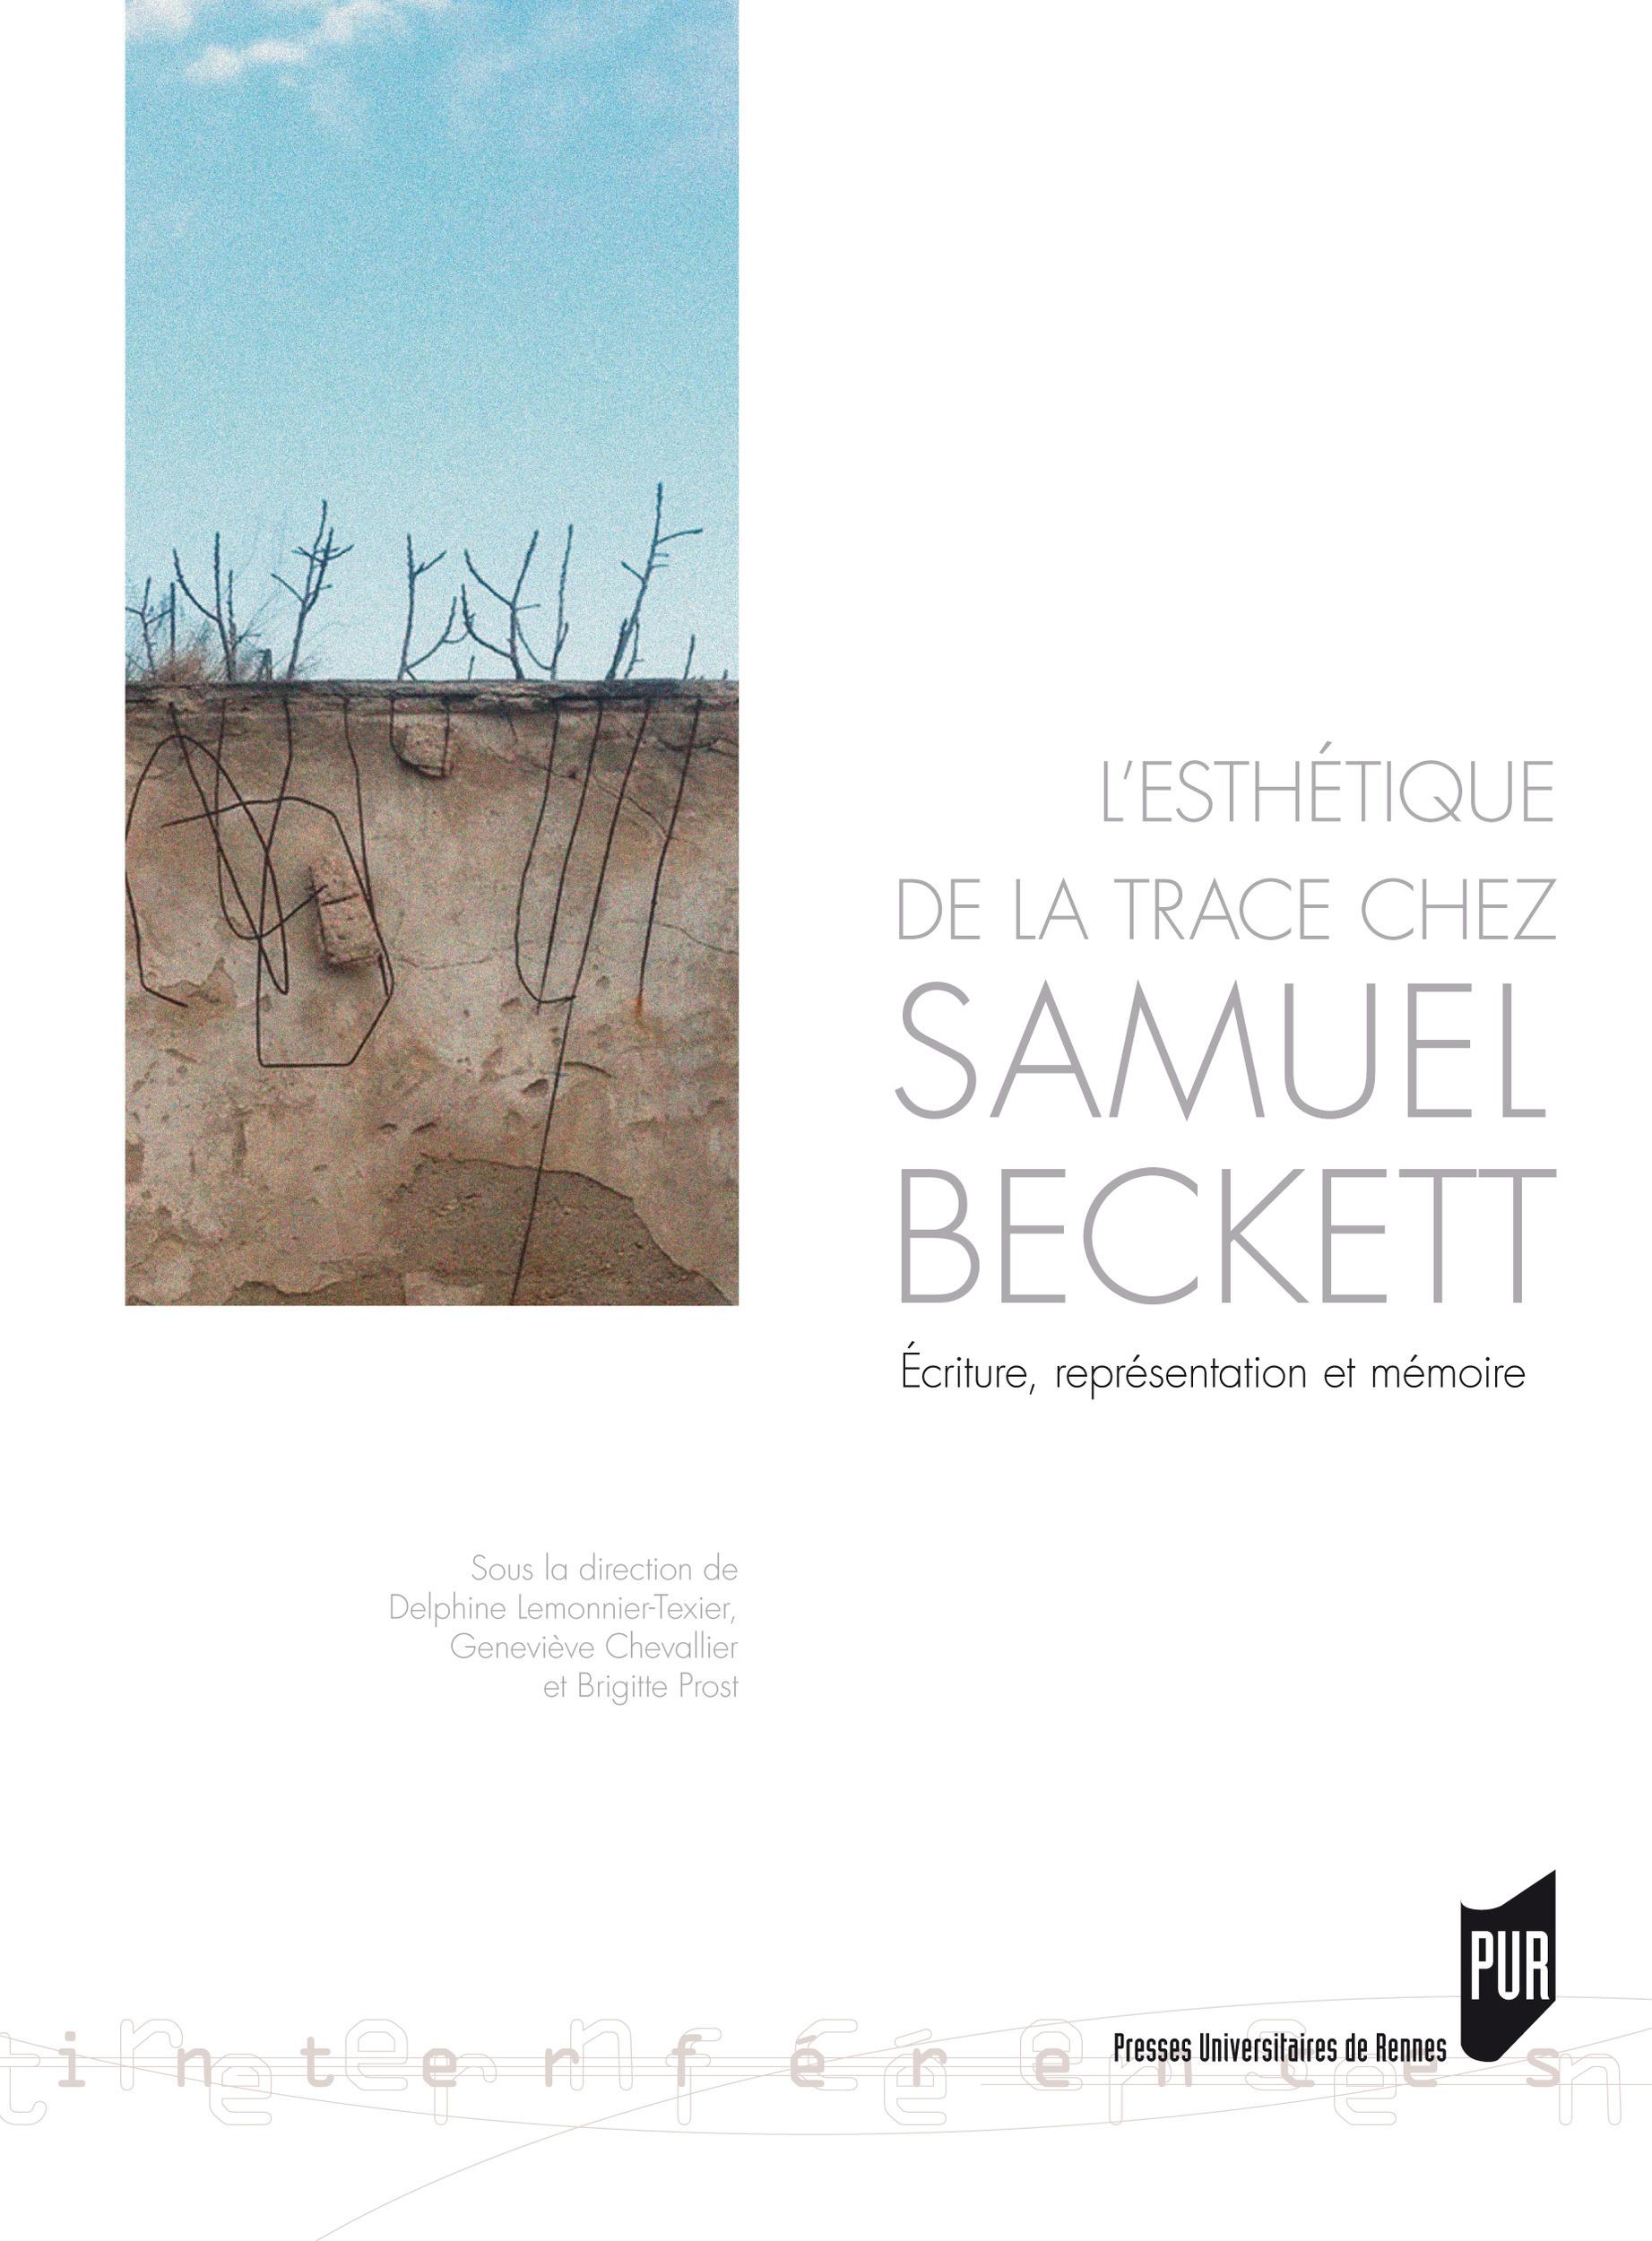 L'esthétique de la trace chez Samuel Beckett  - Brigitte Prost  - Delphine Lemonnier-Texier  - Chevallier Geneviève